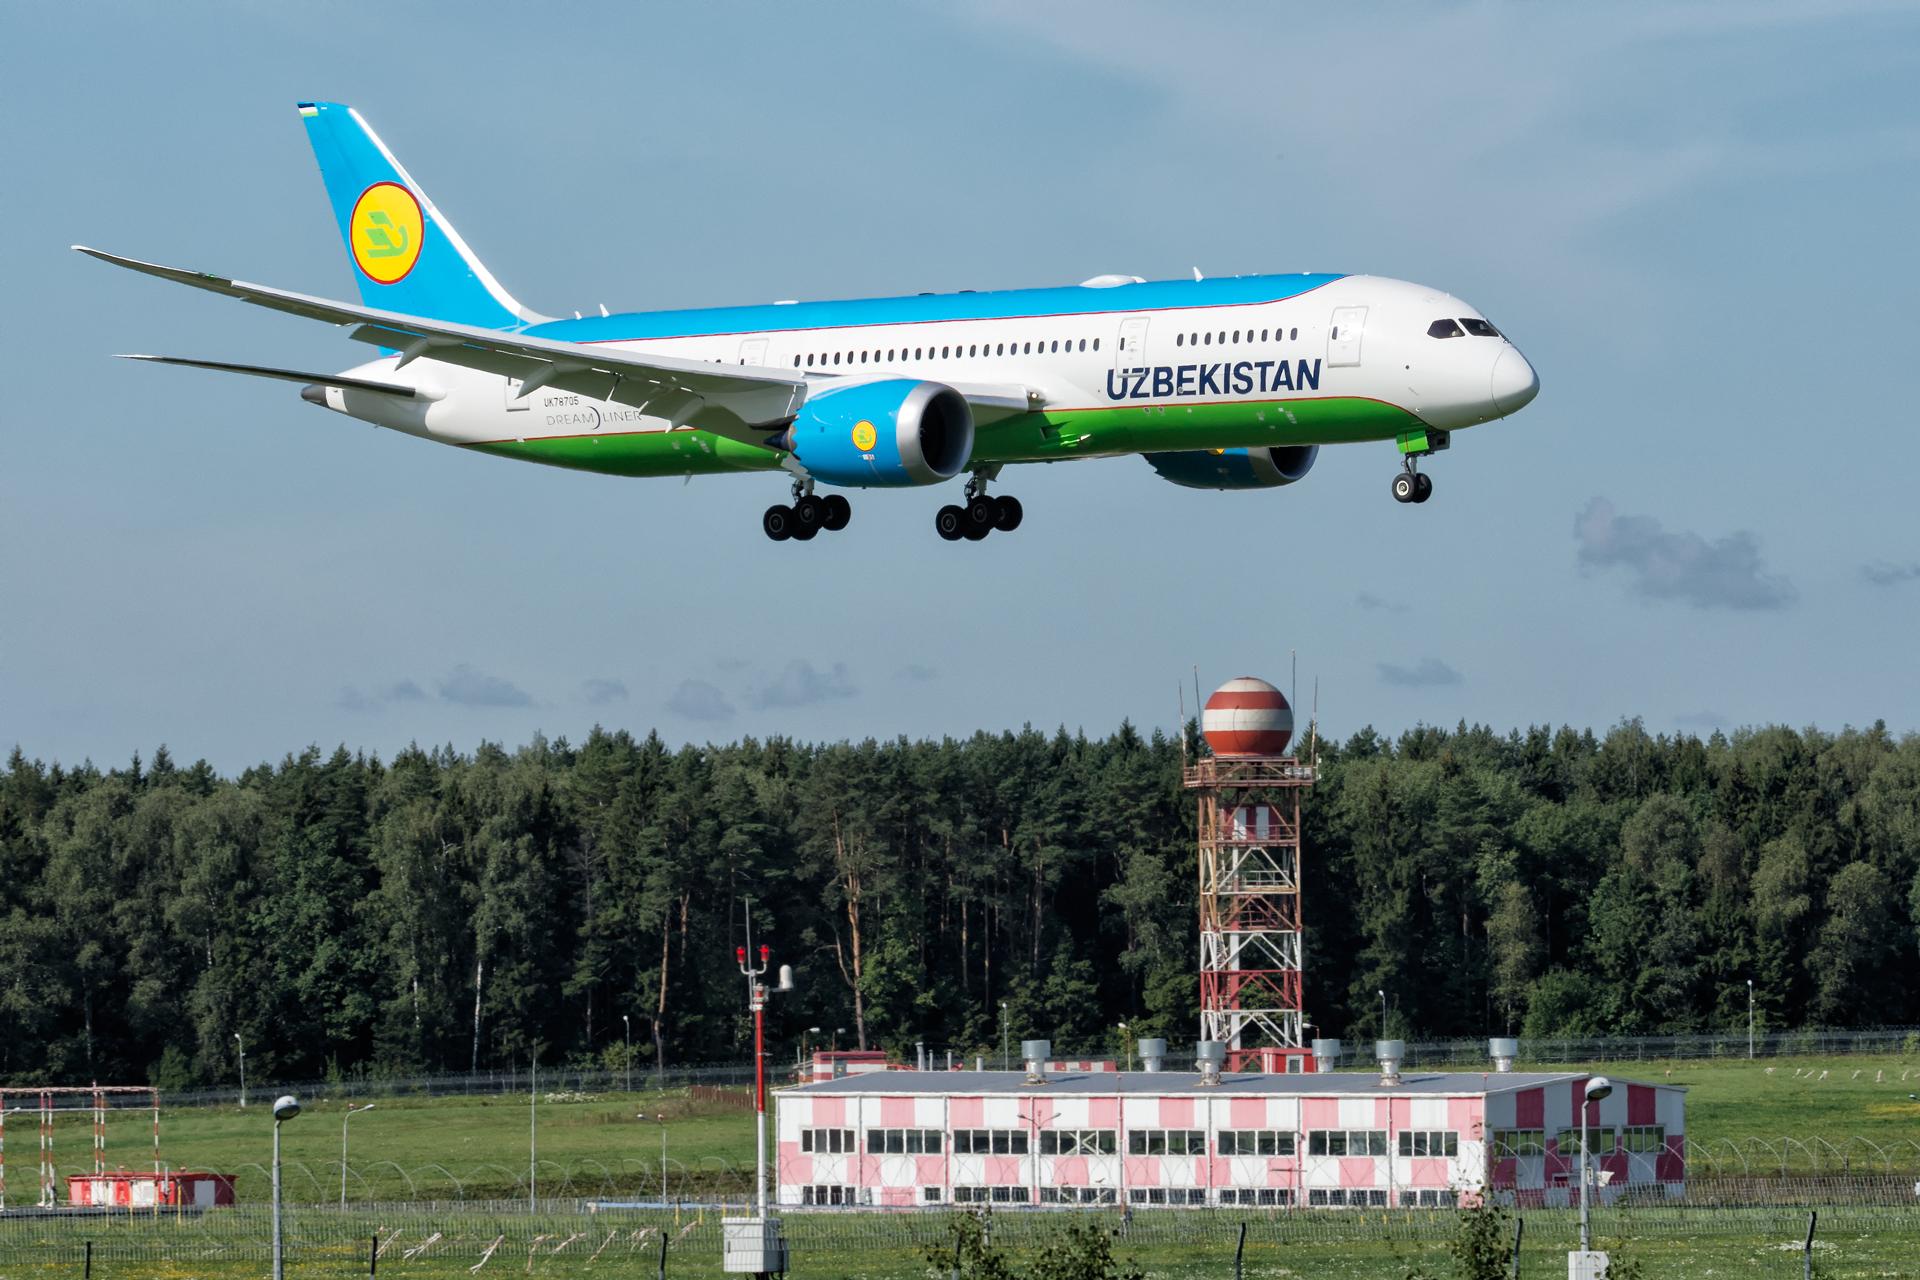 Moskwa – Planespotting Trip (Dzień 1. i 2.)